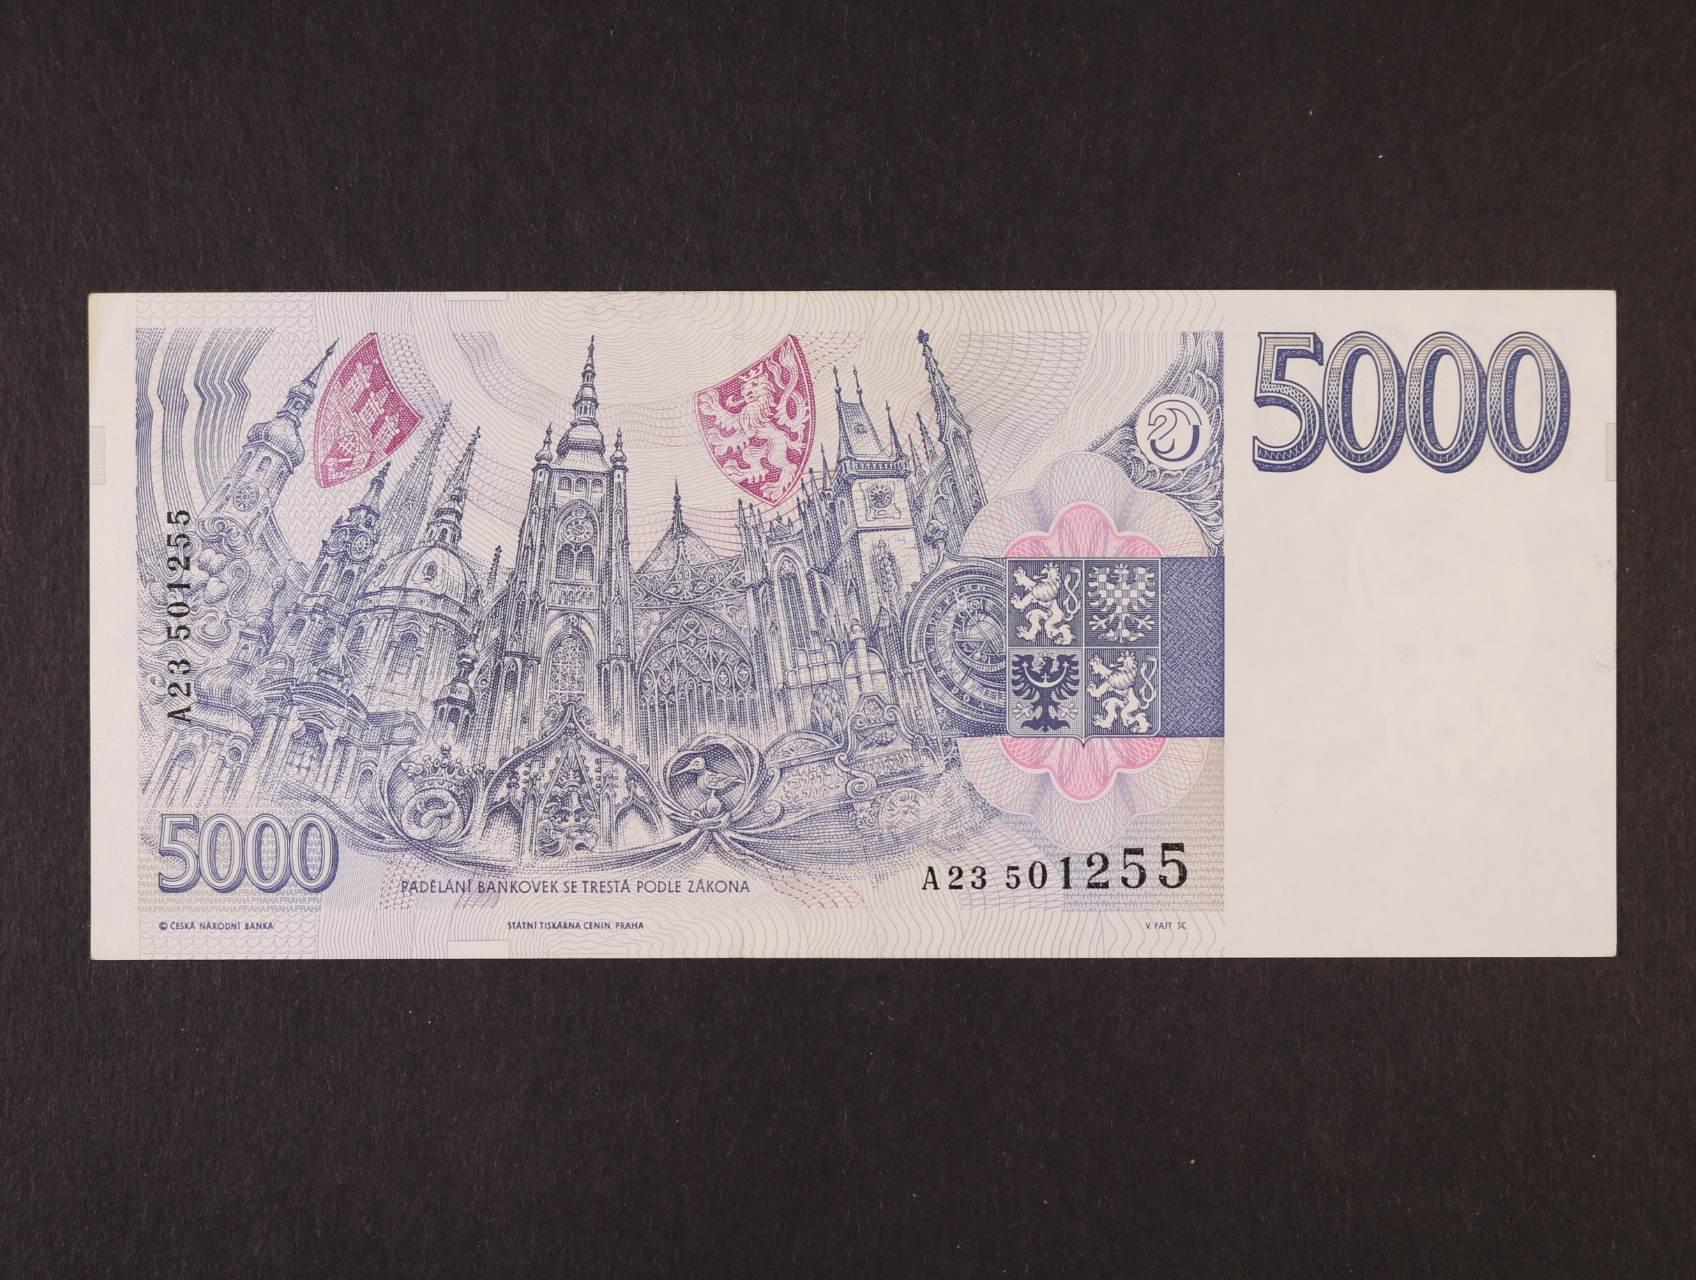 5000 Kč 1993 série A 23, Ba. CZ9, Pi. 9a